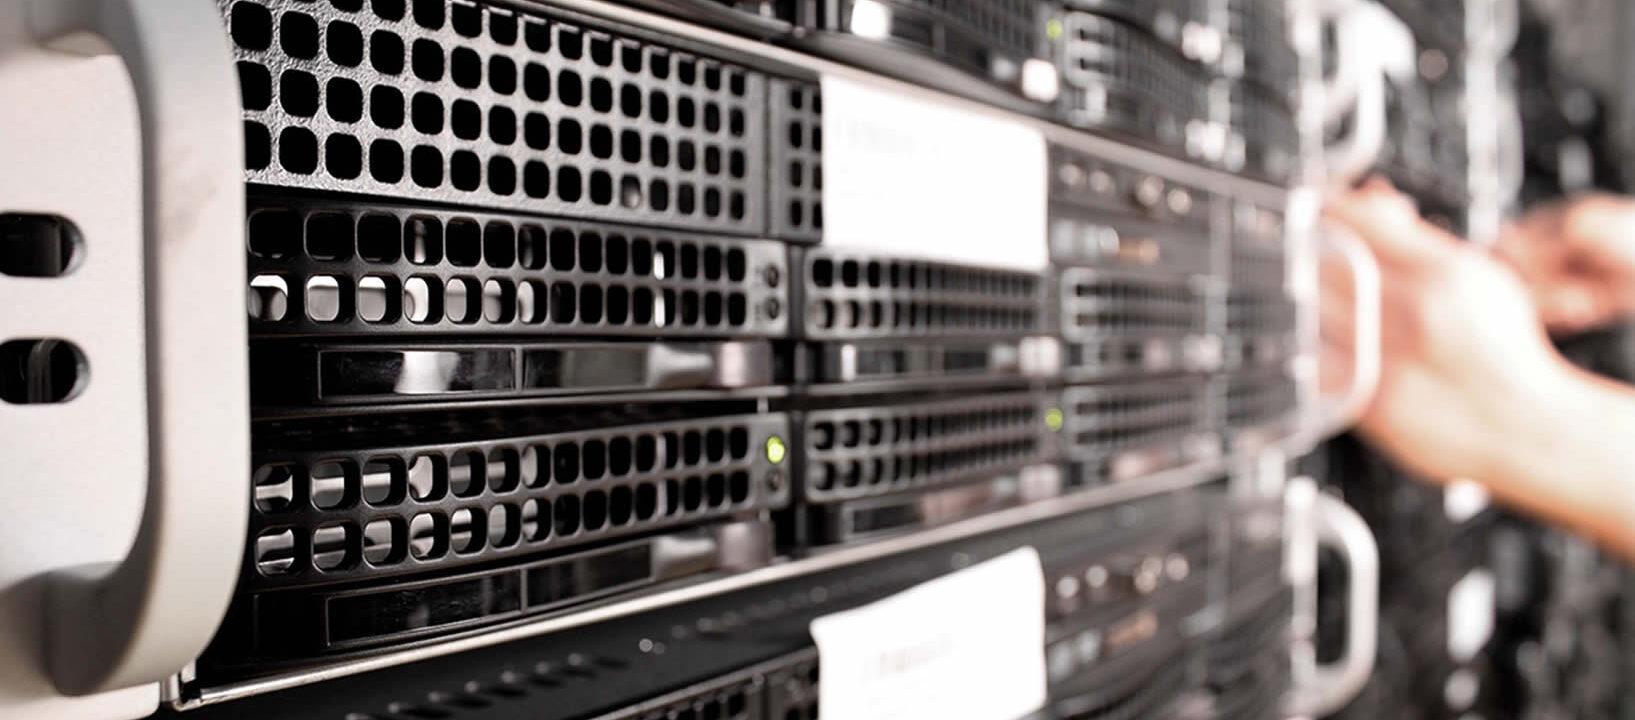 website hosting services in kent